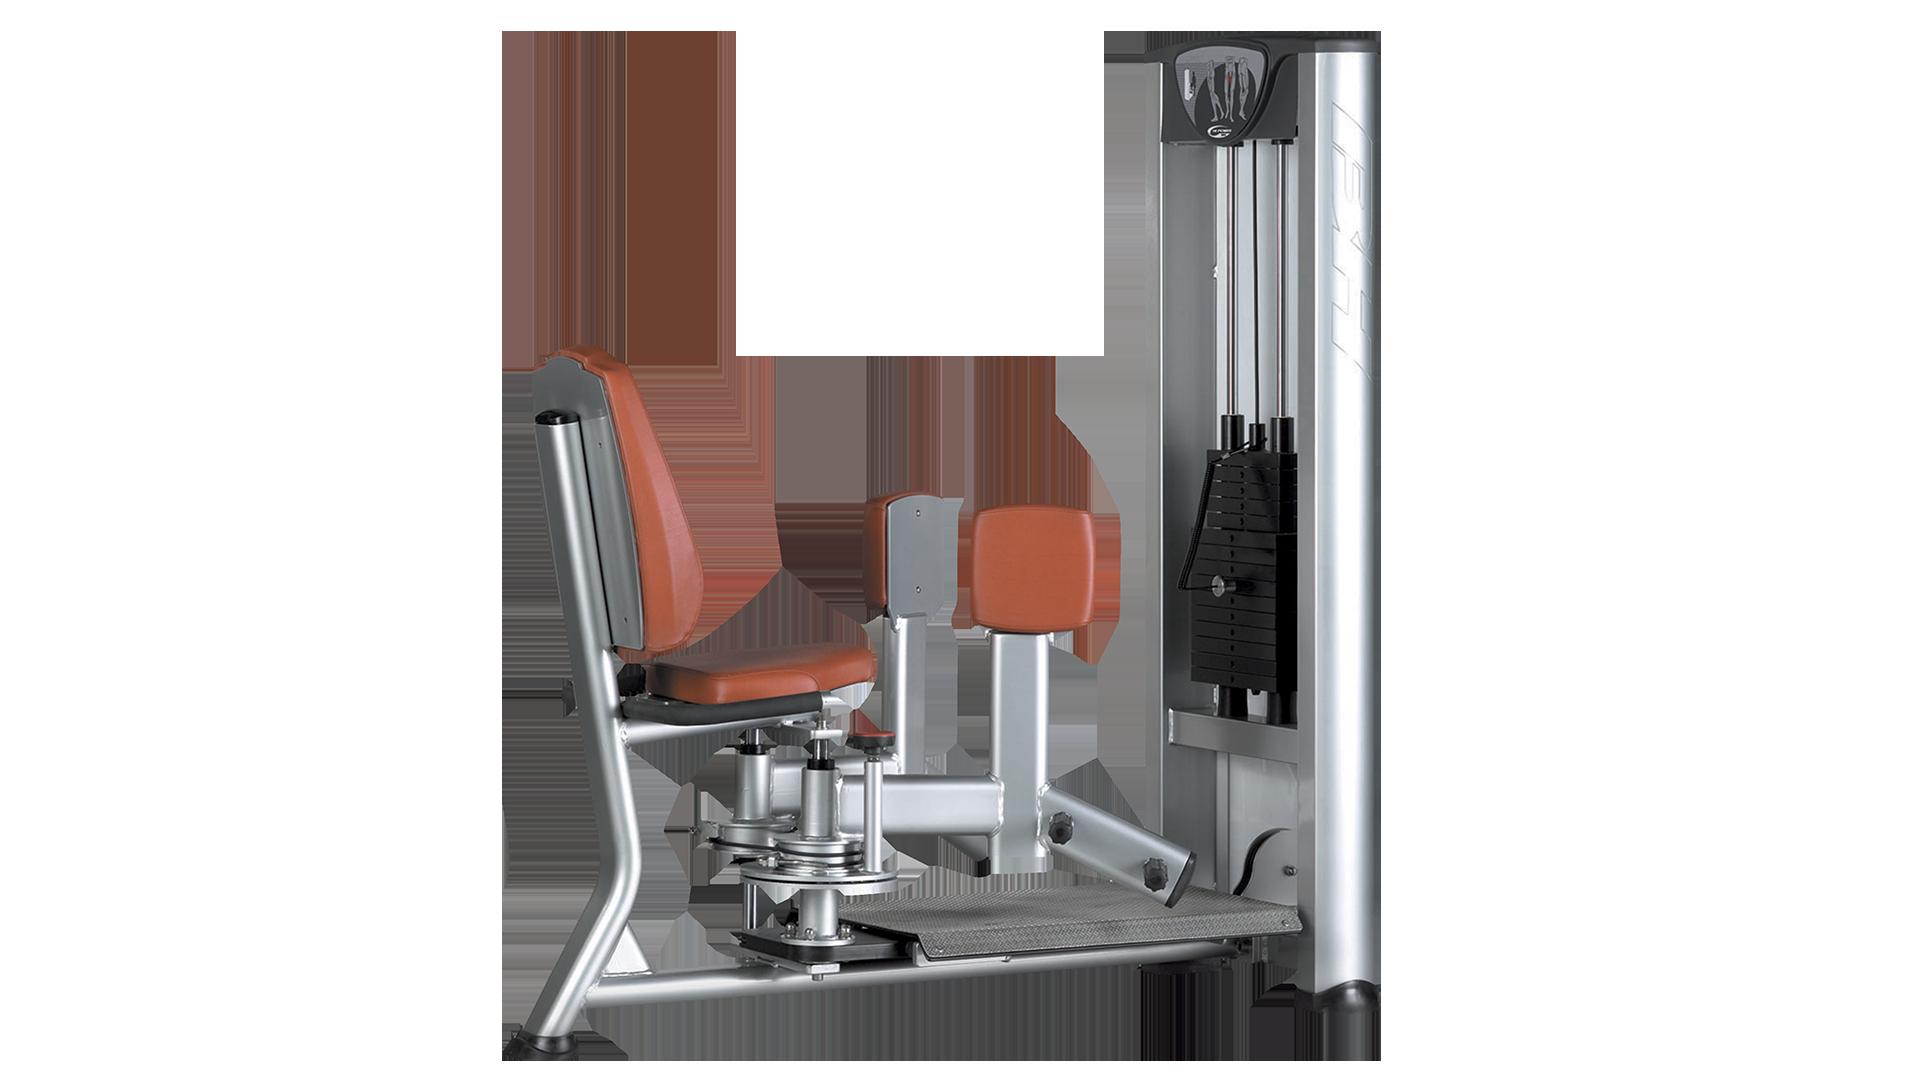 hip aduction x230. Black Bedroom Furniture Sets. Home Design Ideas